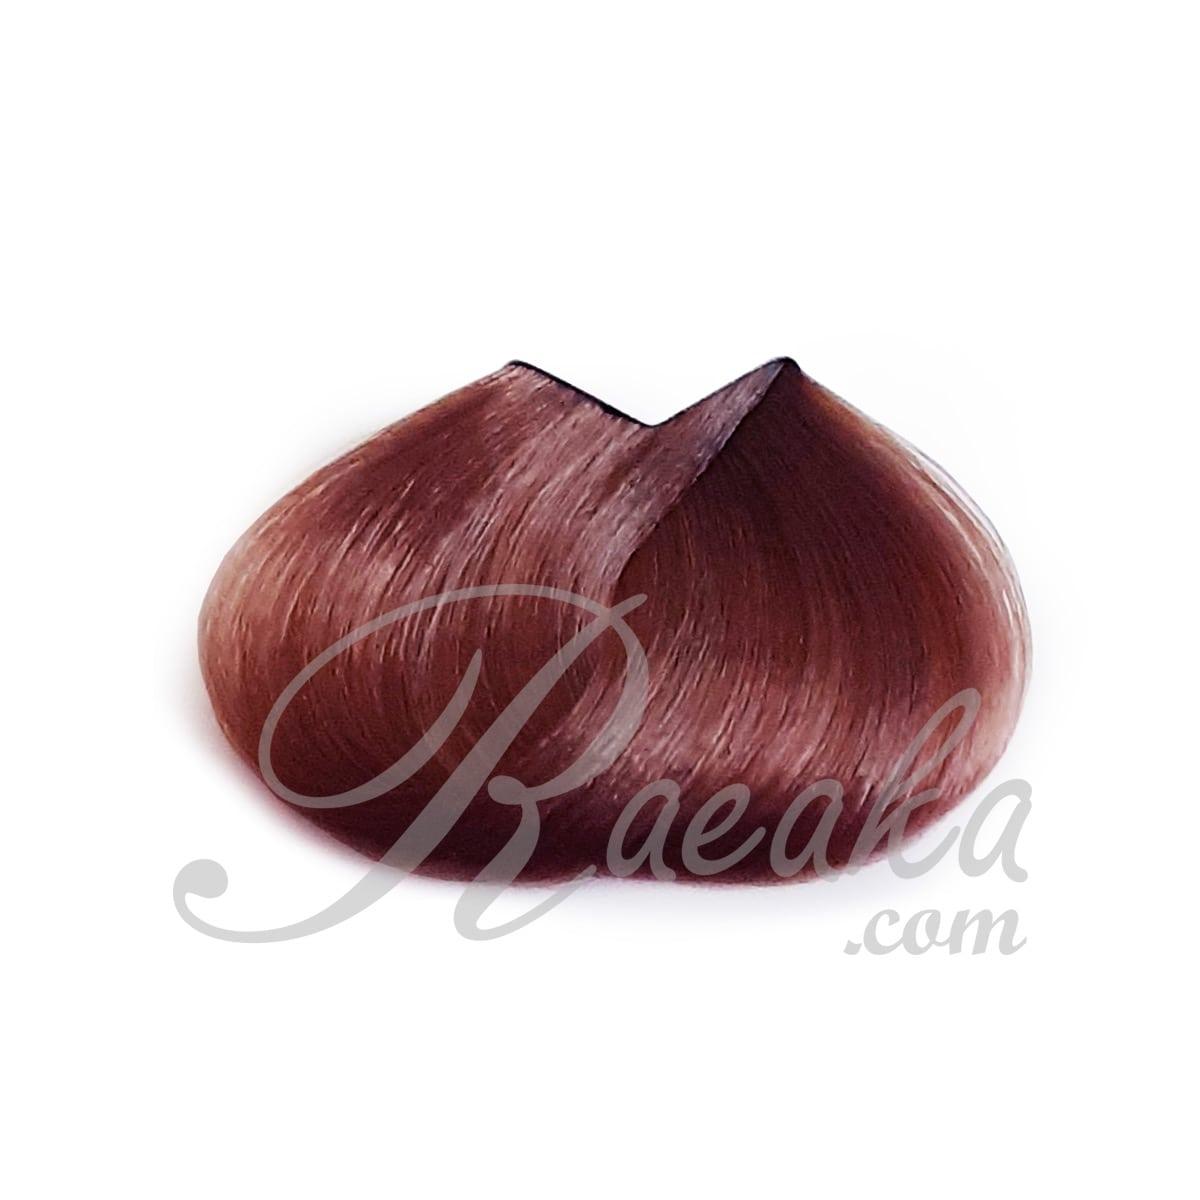 کیت رنگ موی زی فام شماره ۶٫۲۵ (ماهاگونی یاقوتی) با محافظت سه گانه